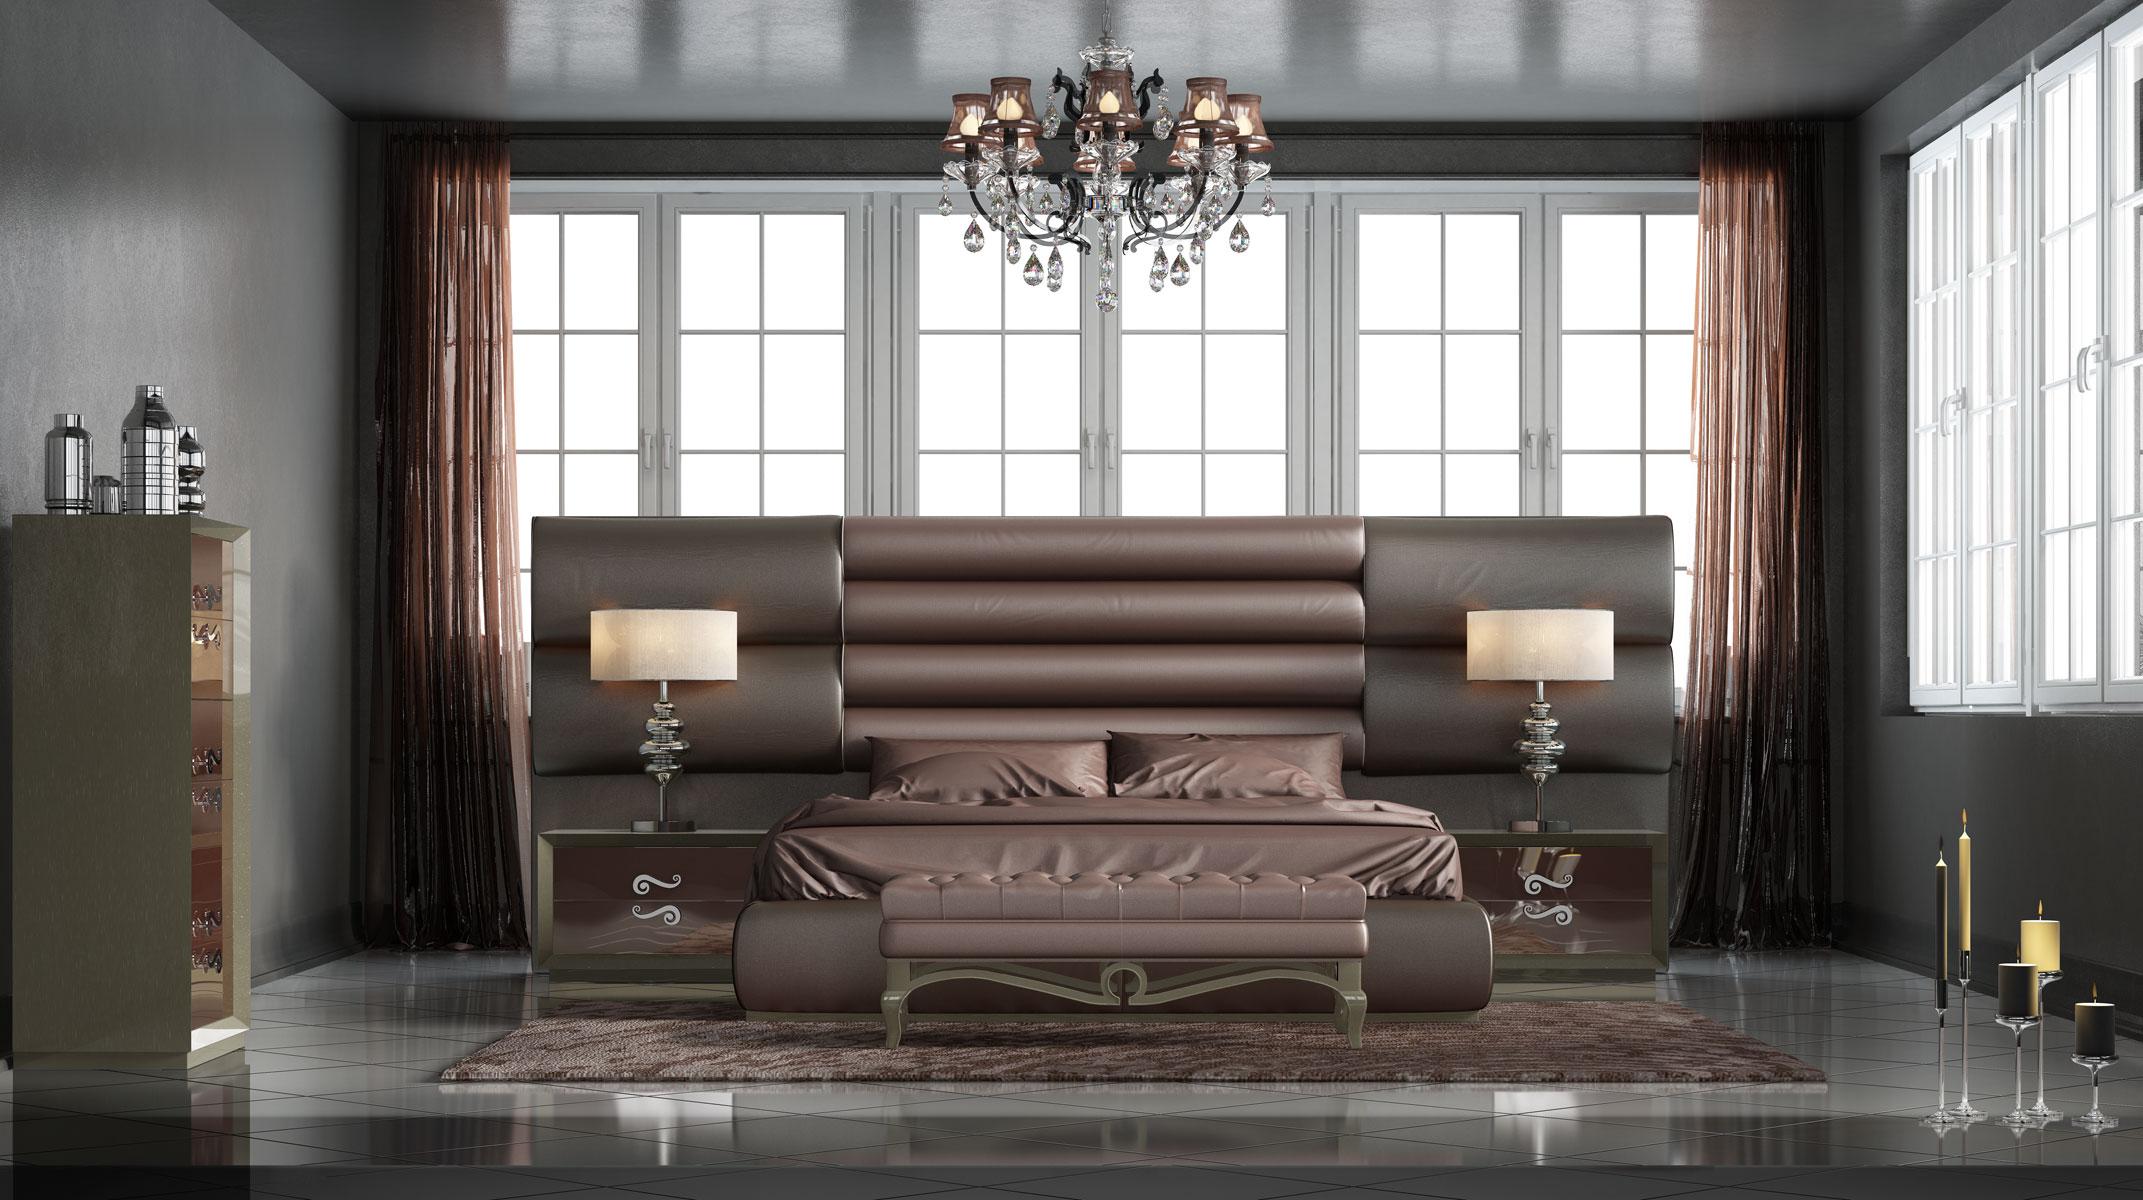 Merveilleux Bedroom Sets Collection, Master Bedroom Furniture